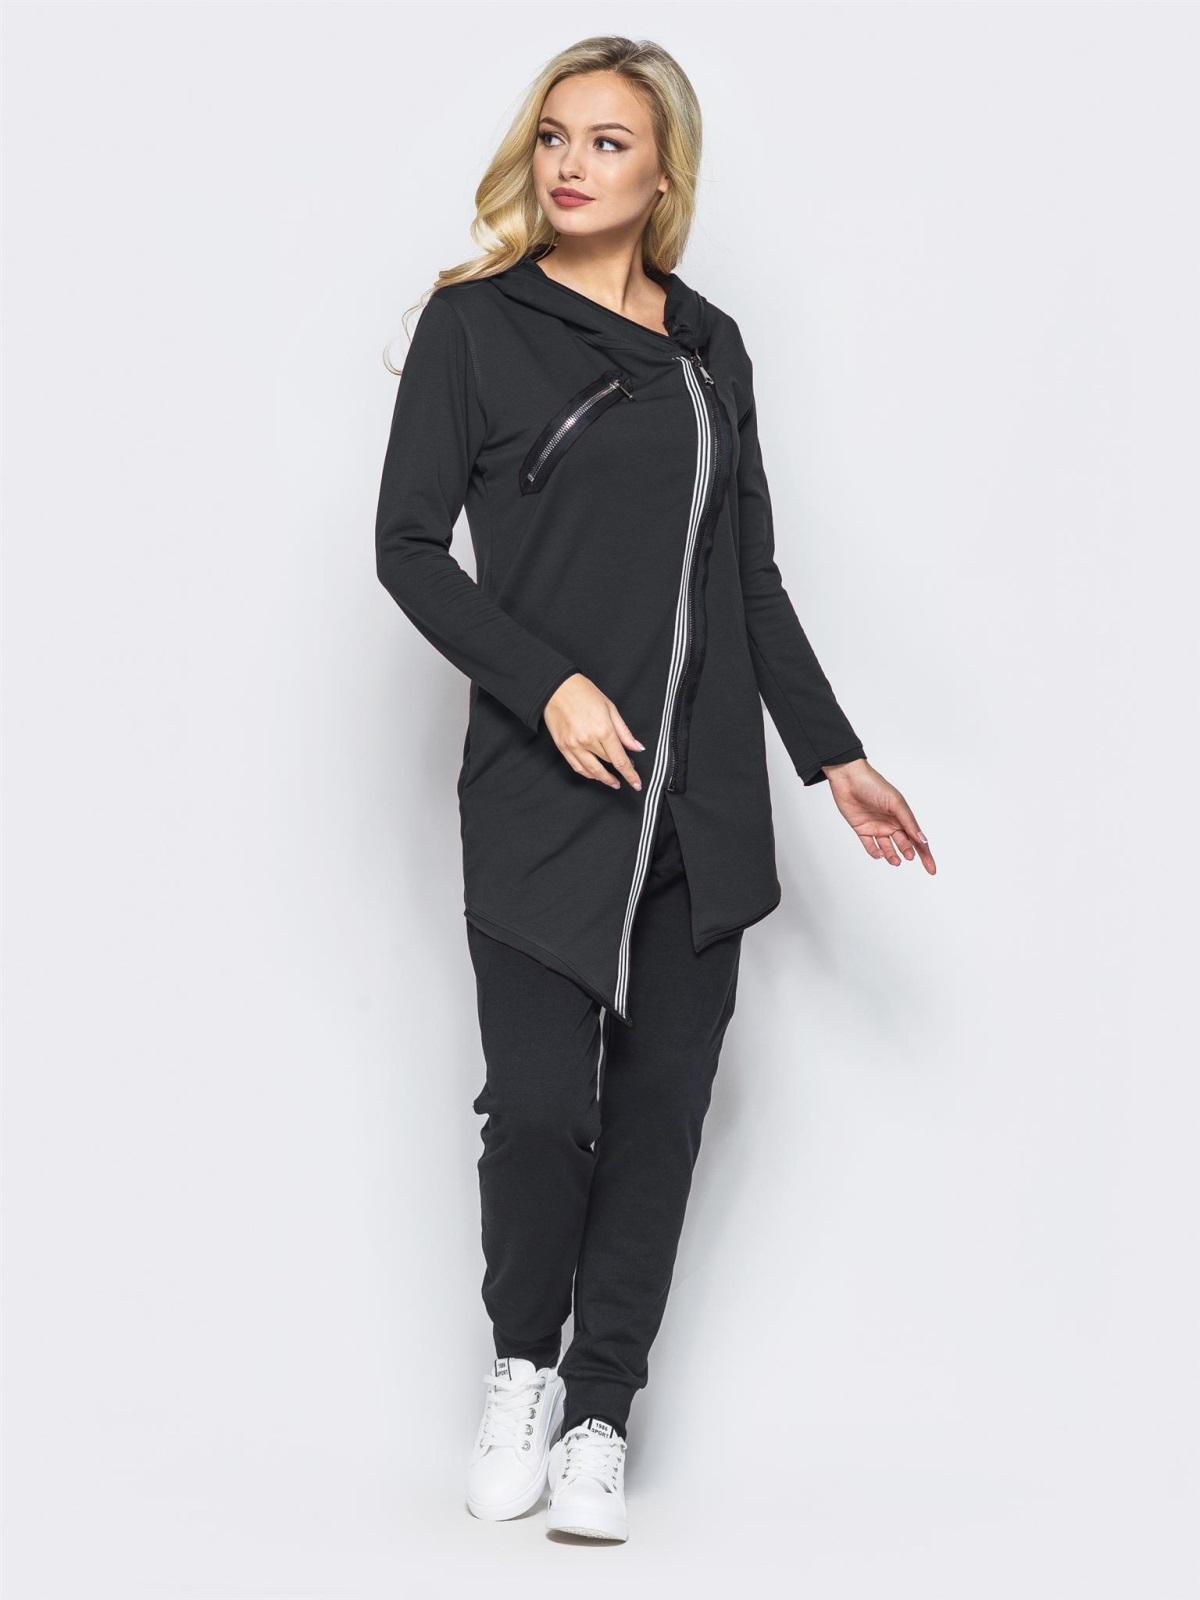 Спортивный костюм с косой молнией на черной кофте - 15761, фото 1 – интернет-магазин Dressa